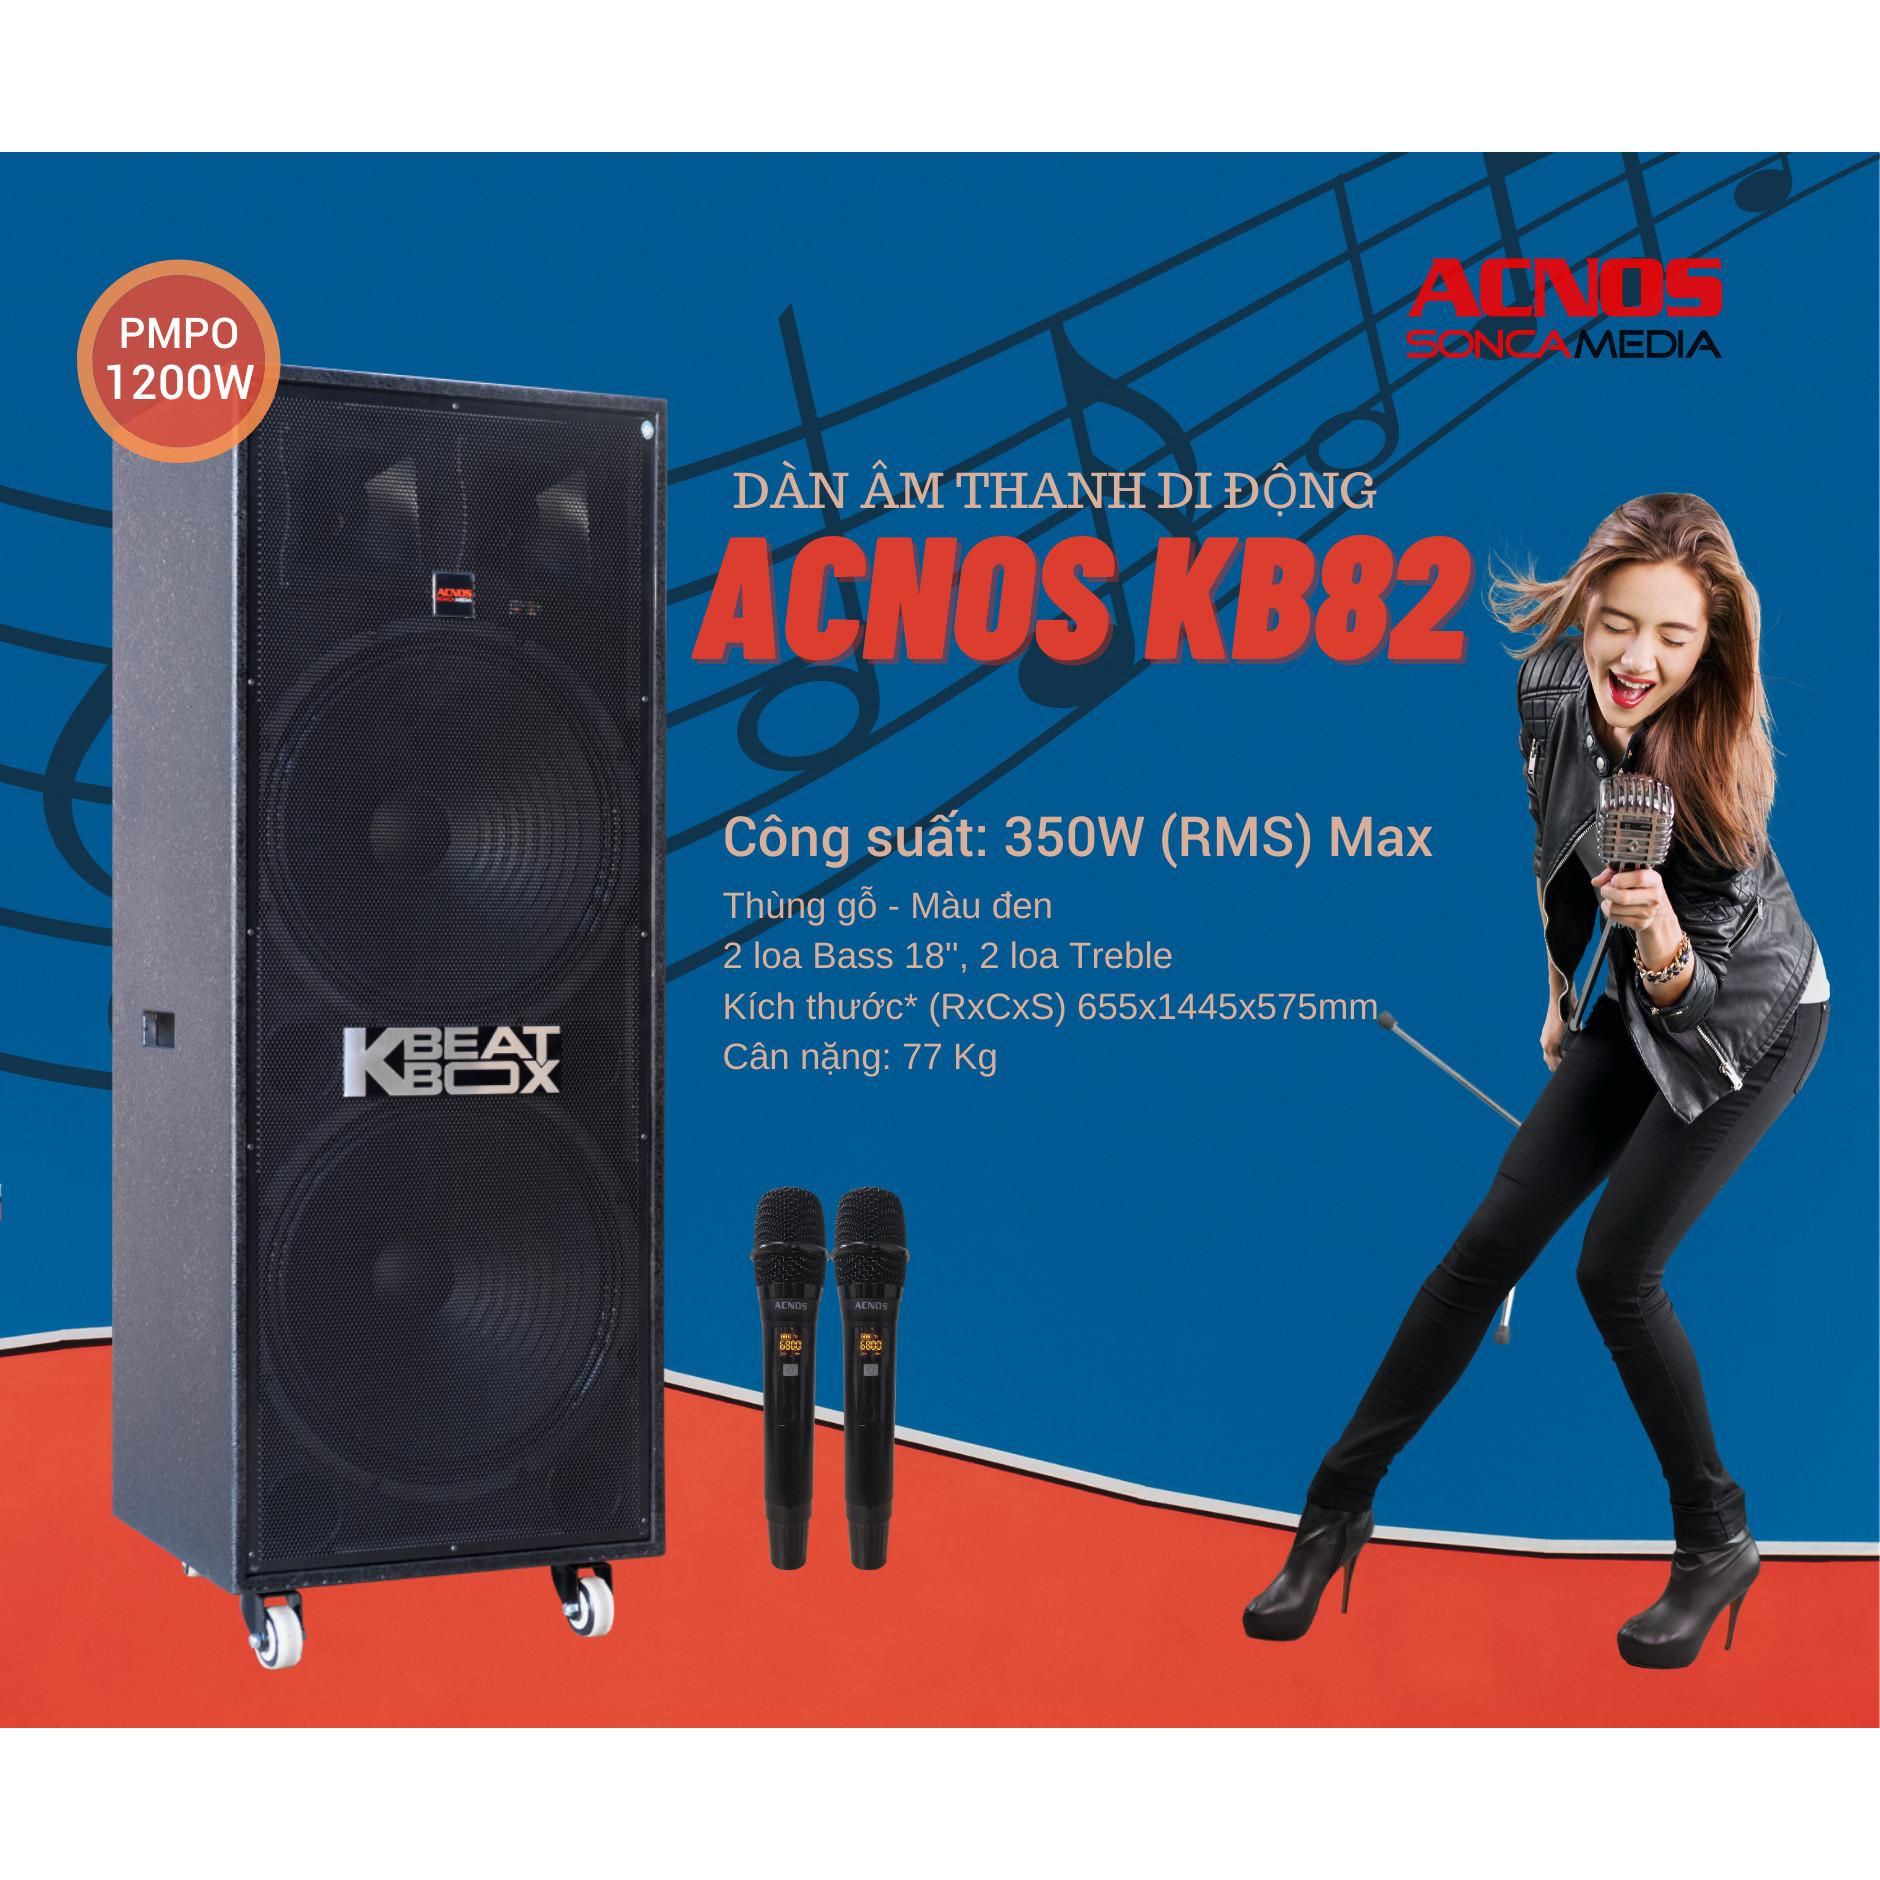 DÀN KARAOKE DI ĐỘNG ACNOS KB82 - Hàng Chính Hãng